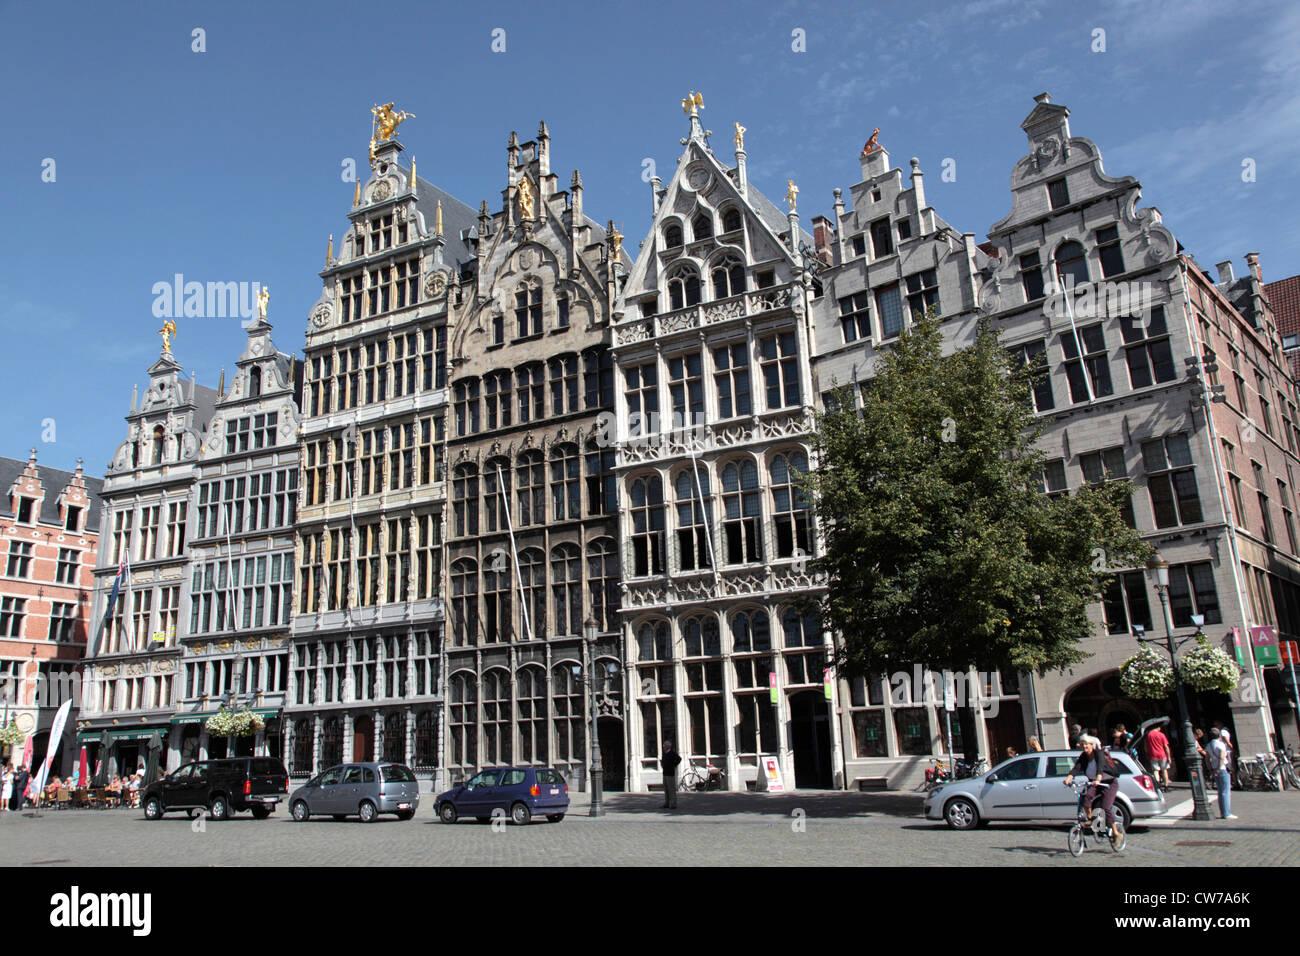 Grote Markt in Antwerpen, Belgium, Flanders, Antwerp Stock Photo